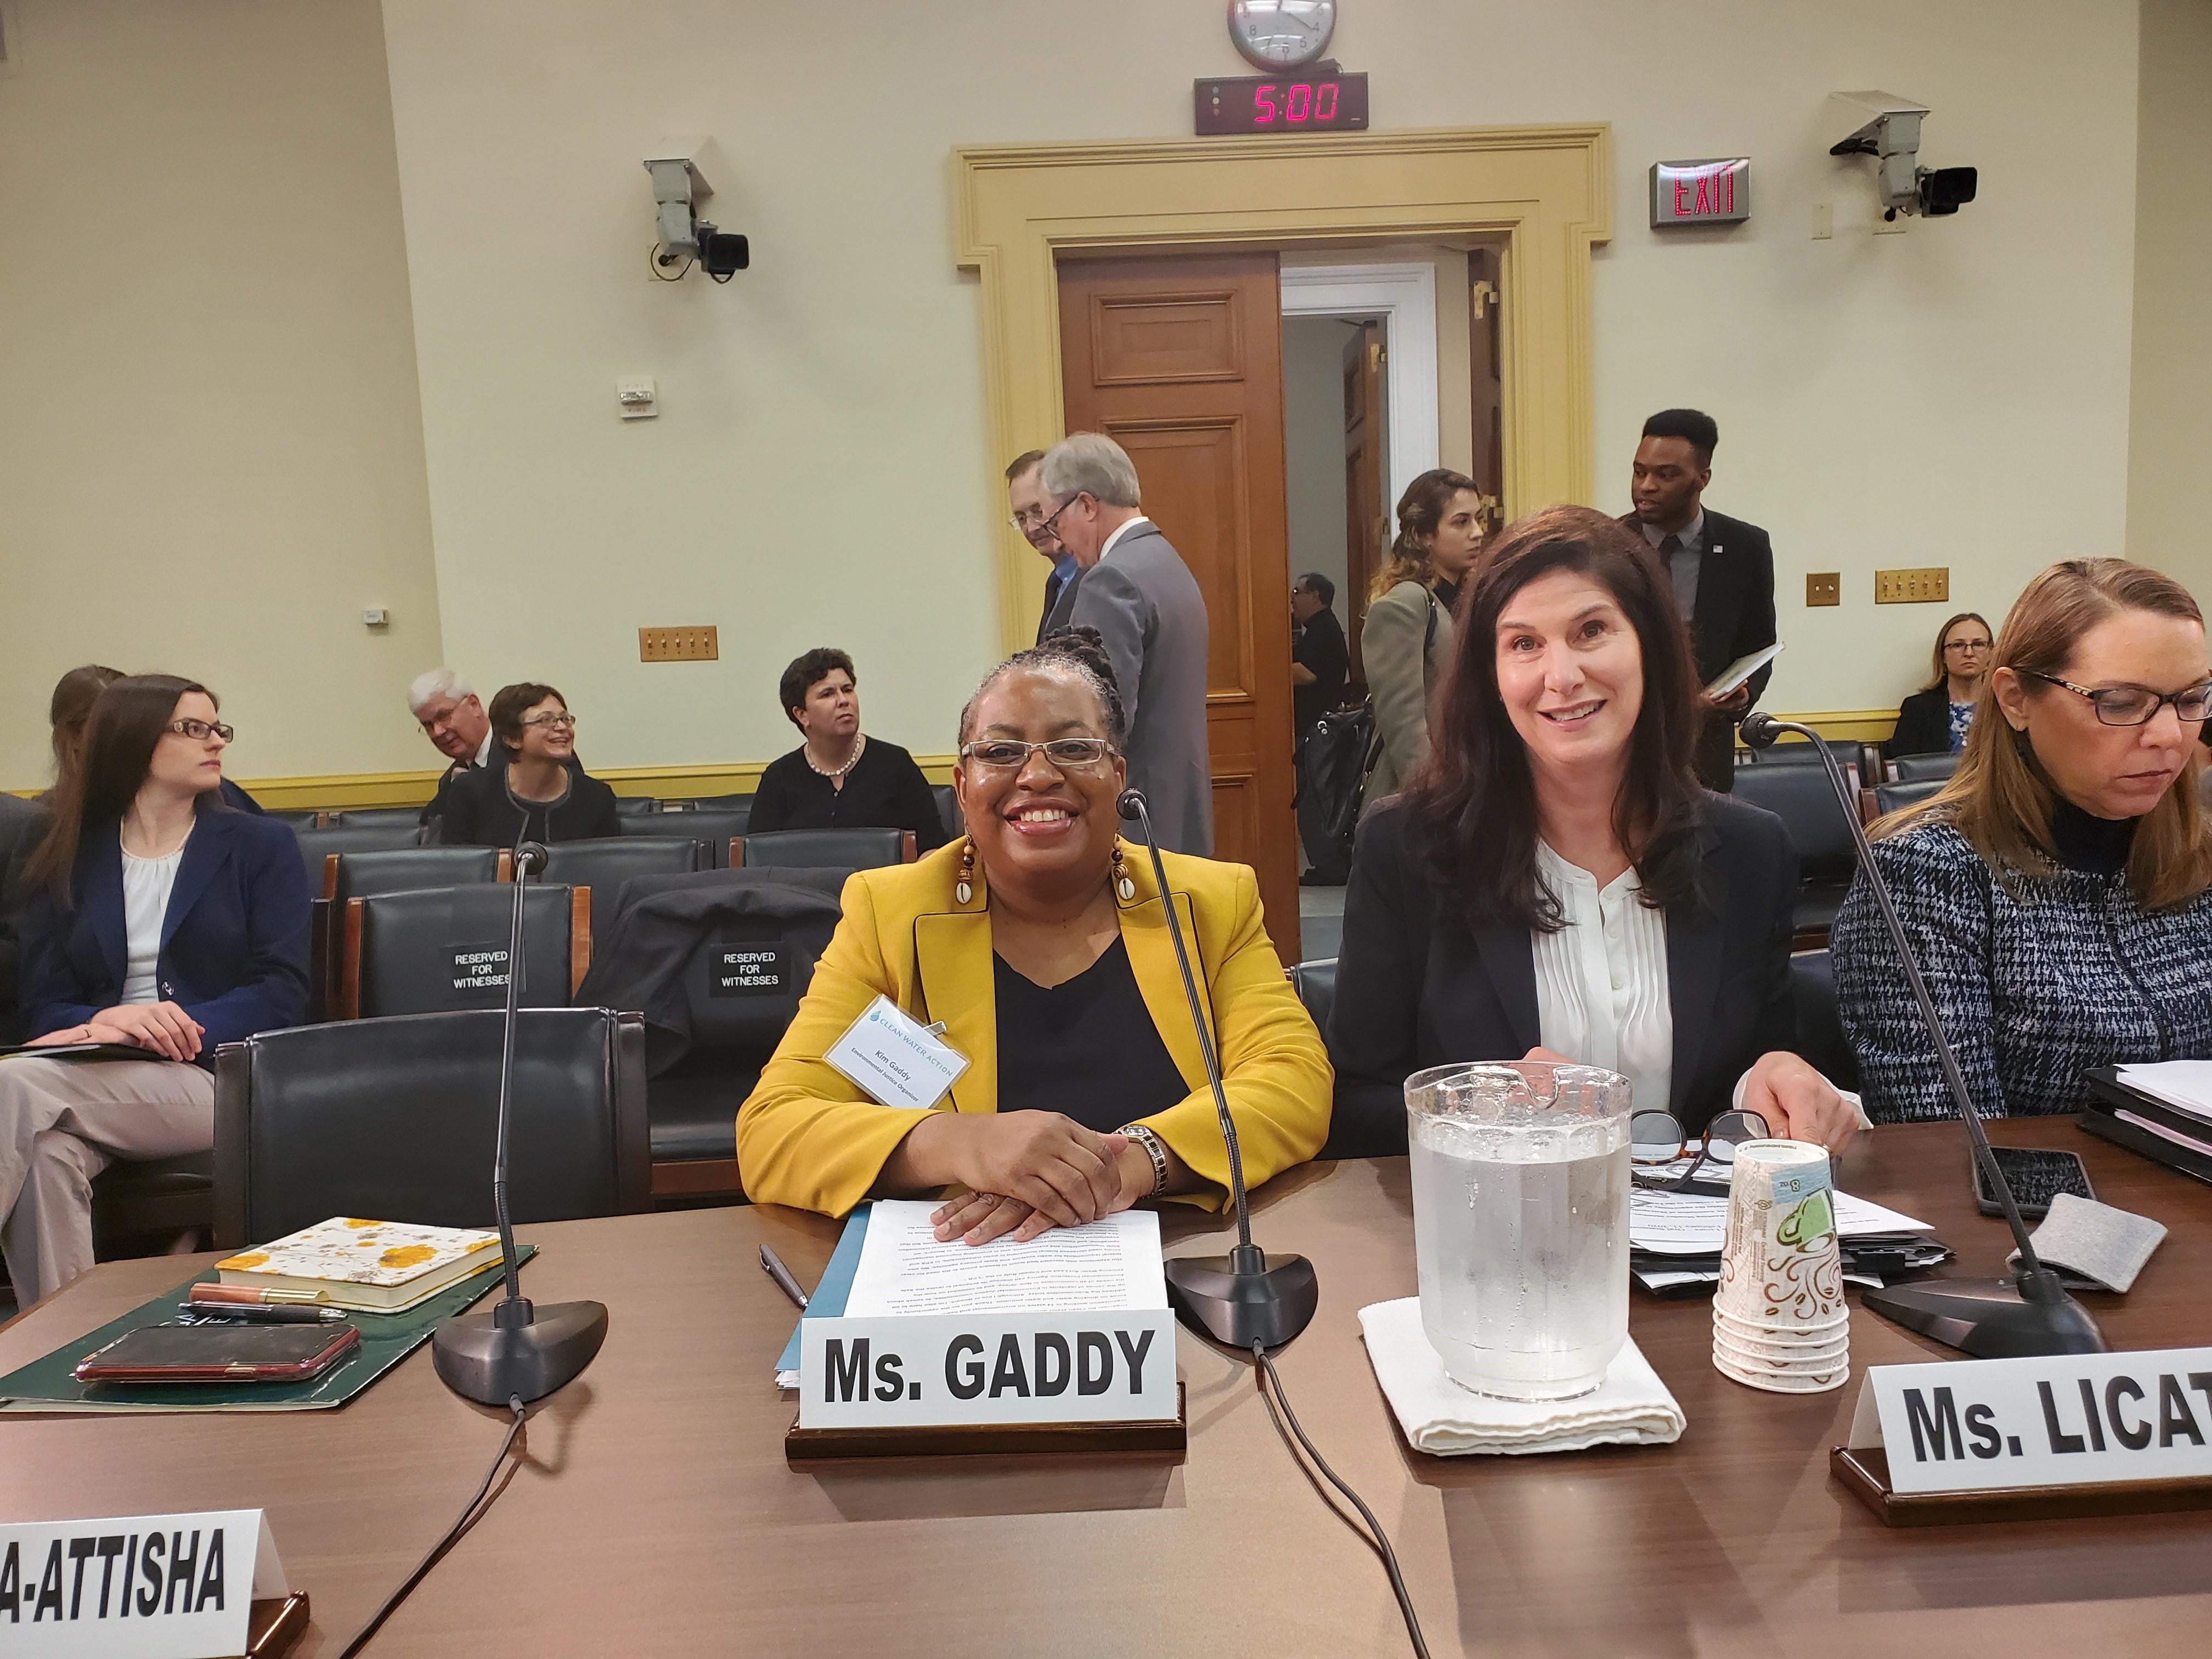 NJ_Kim Gaddy testimony LCR (2).jpg